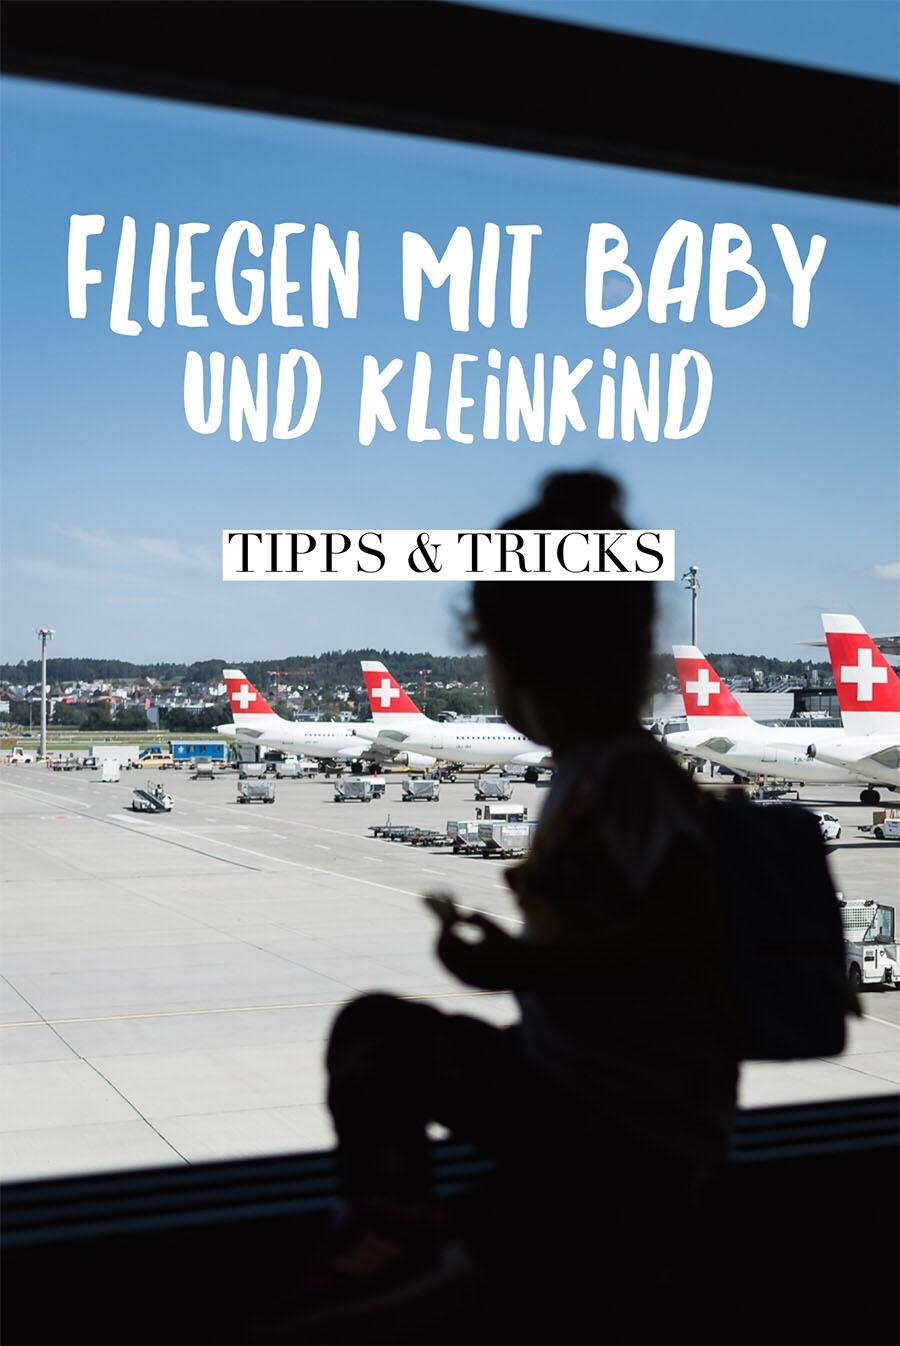 Fliegen mit Baby und Kleinkind. Ein paar Tipps und Tricks, damit es gelingt #fliegenmitbaby #fliegenmitkindern #familienurlaub